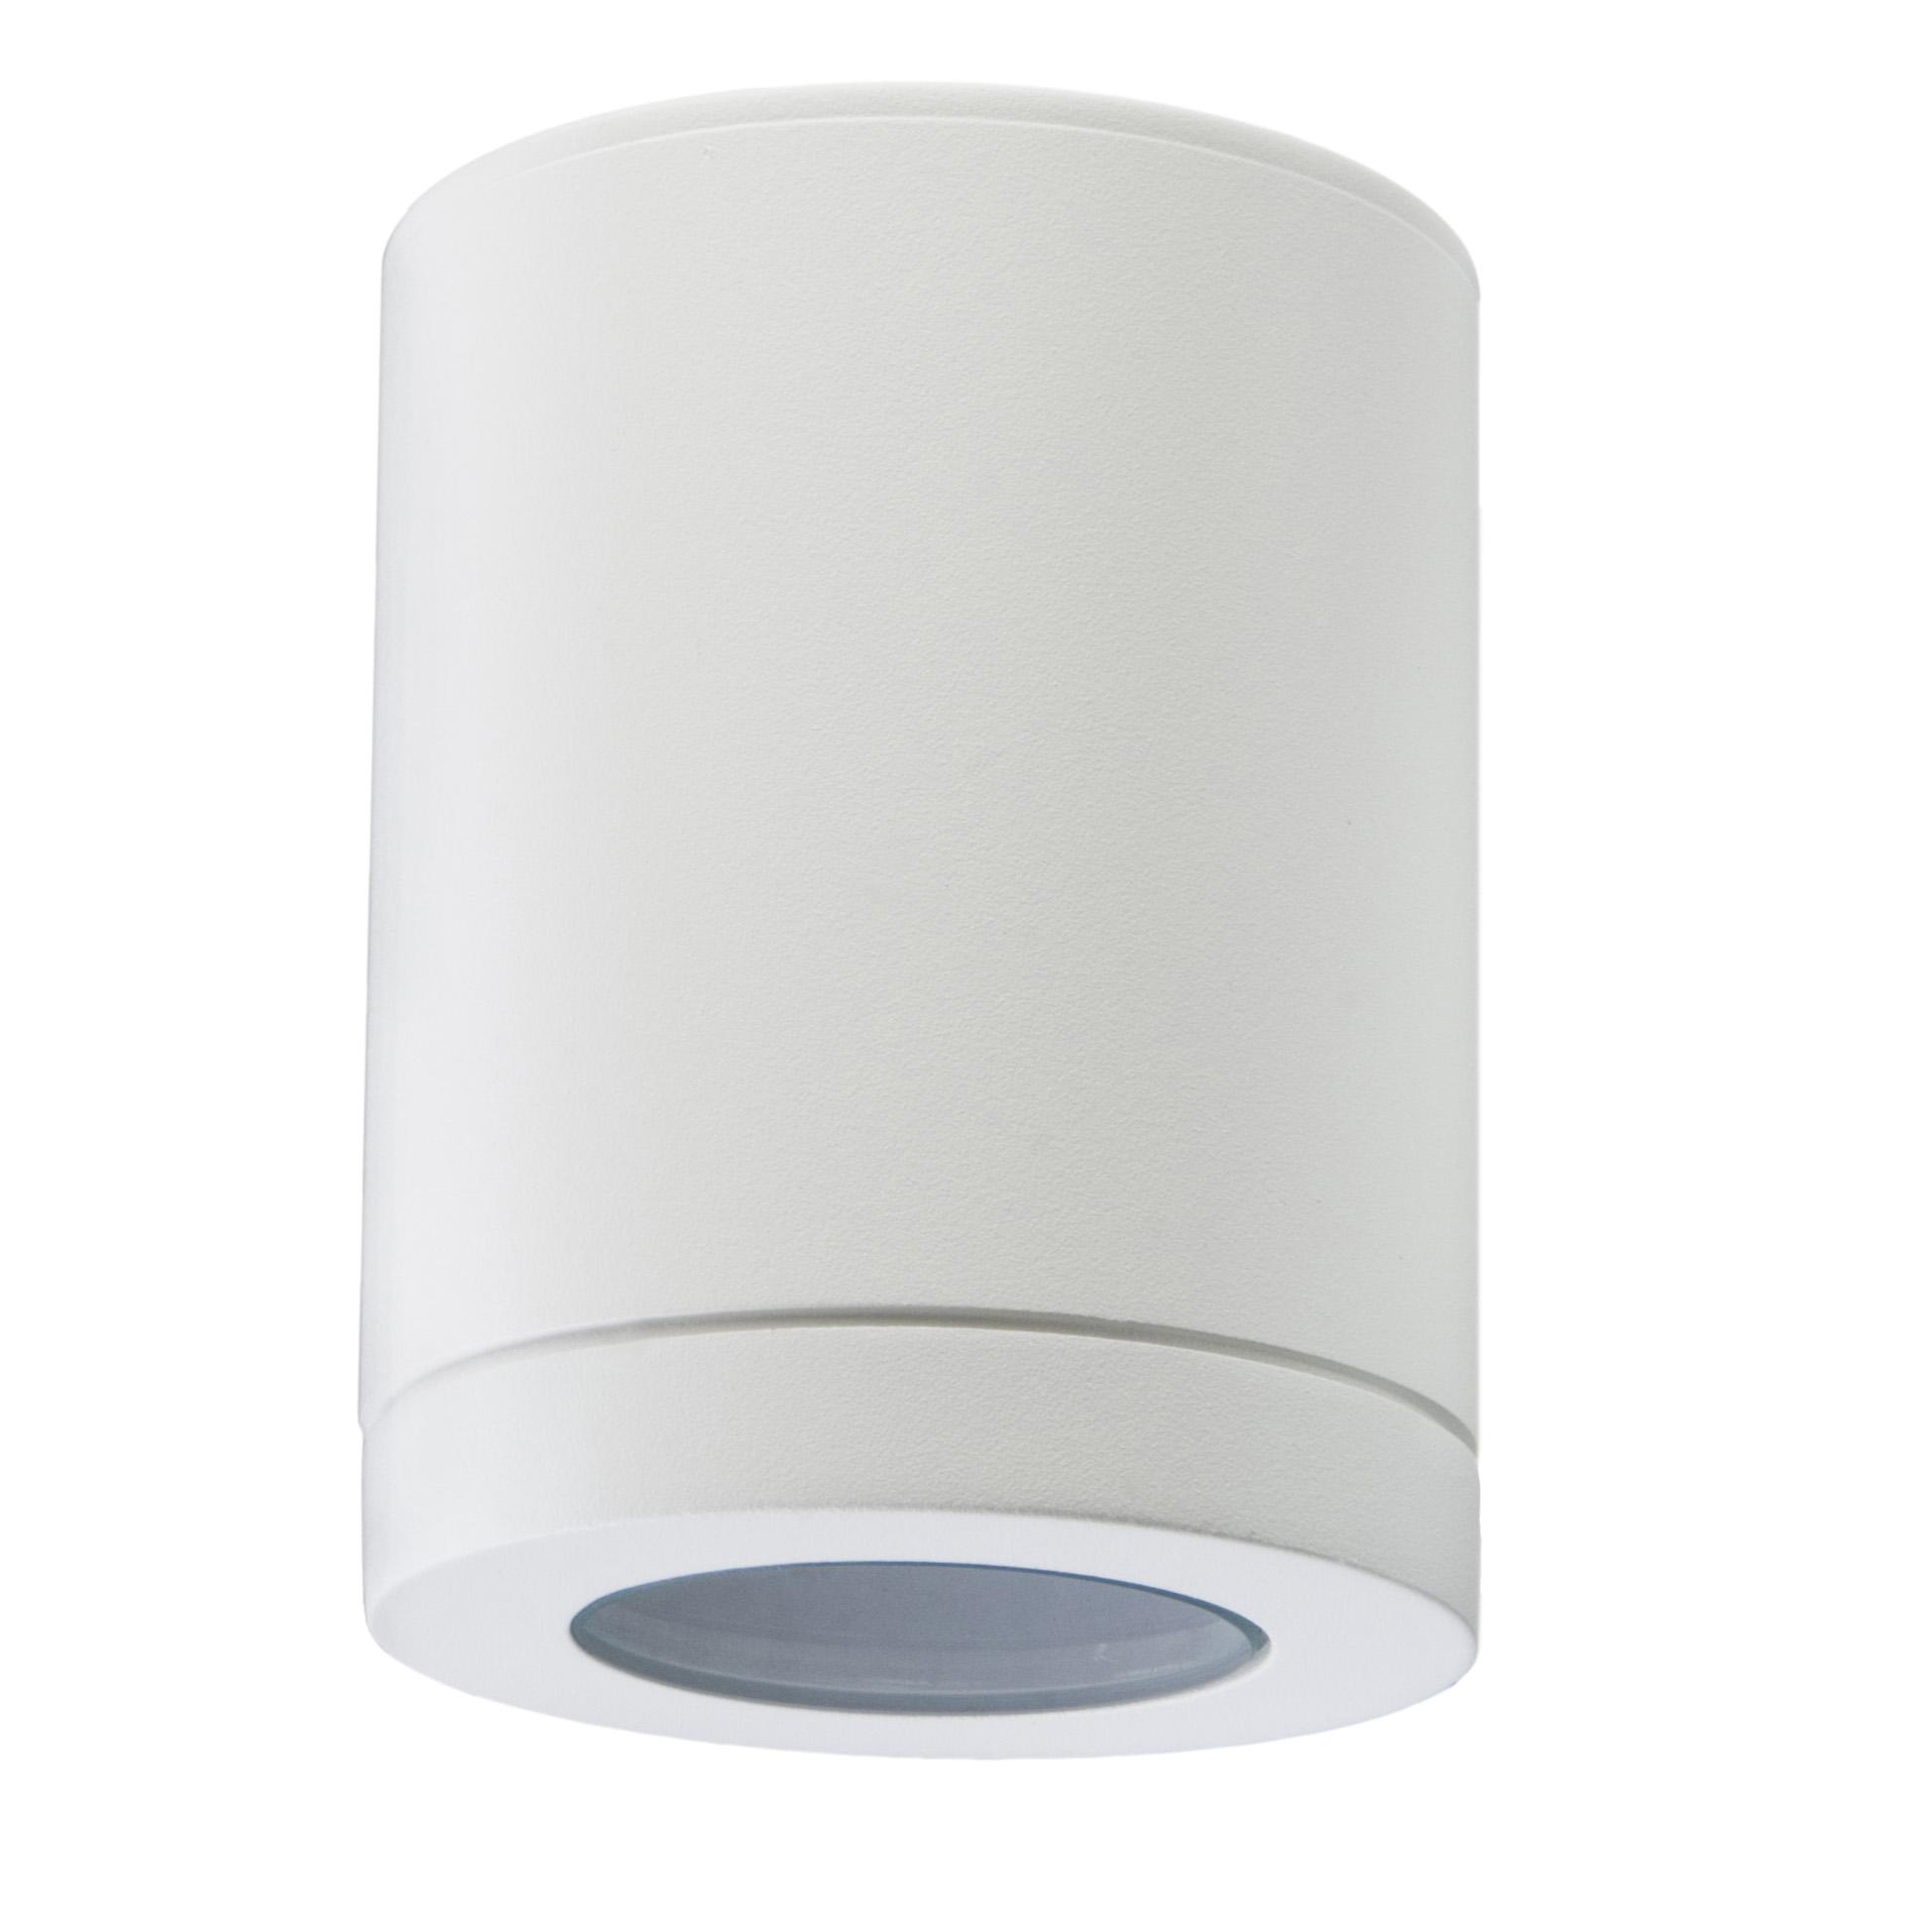 SG lighting LED Metro wit 621699